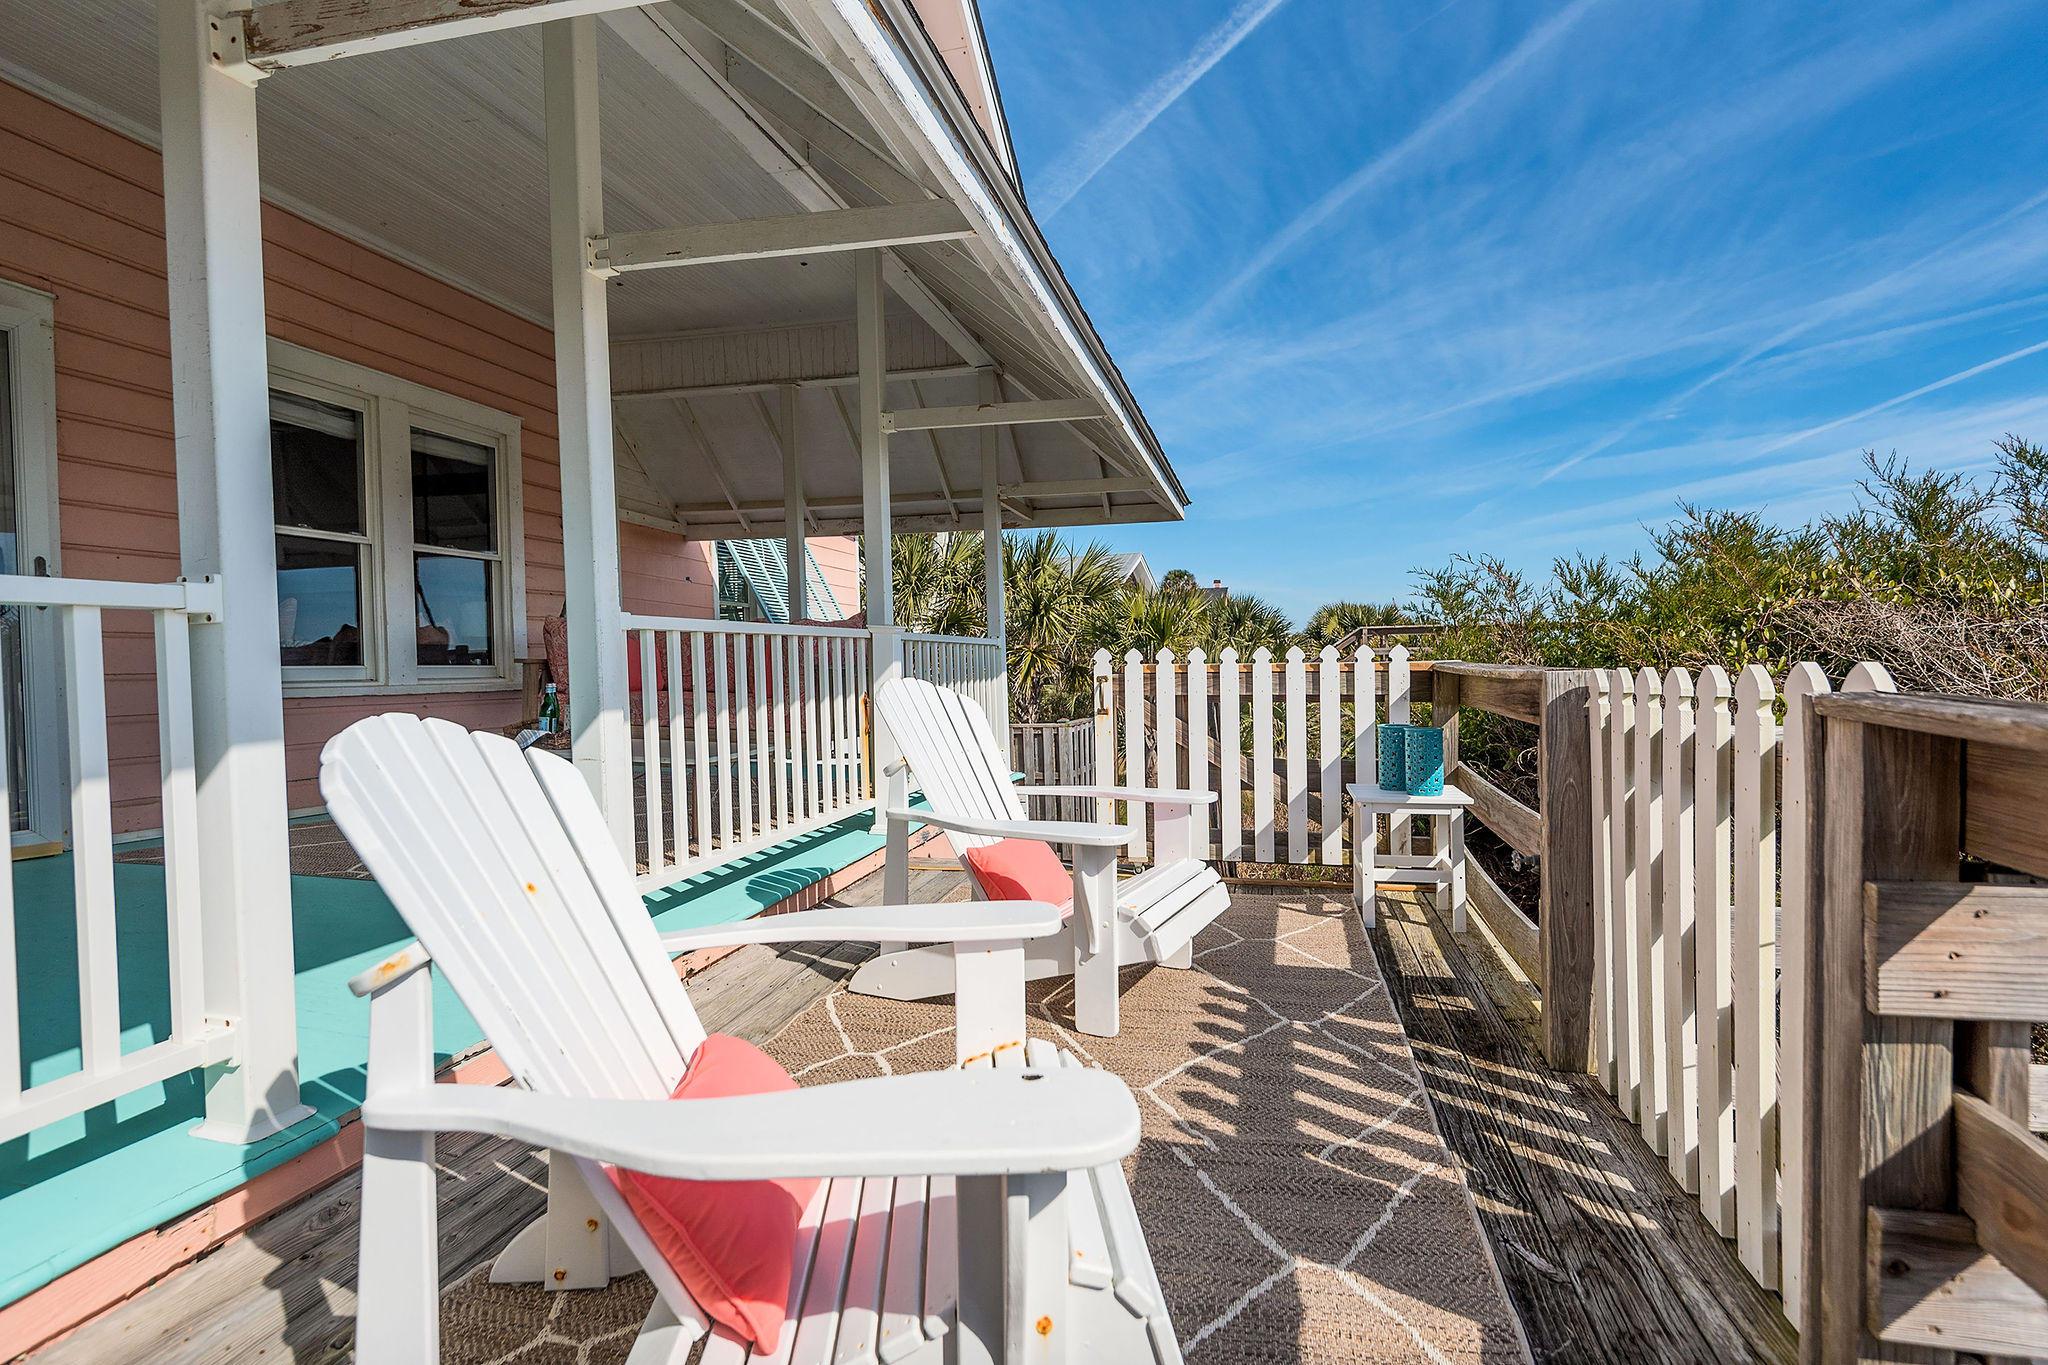 Folly Beach Homes For Sale - 509 Ashley, Folly Beach, SC - 71